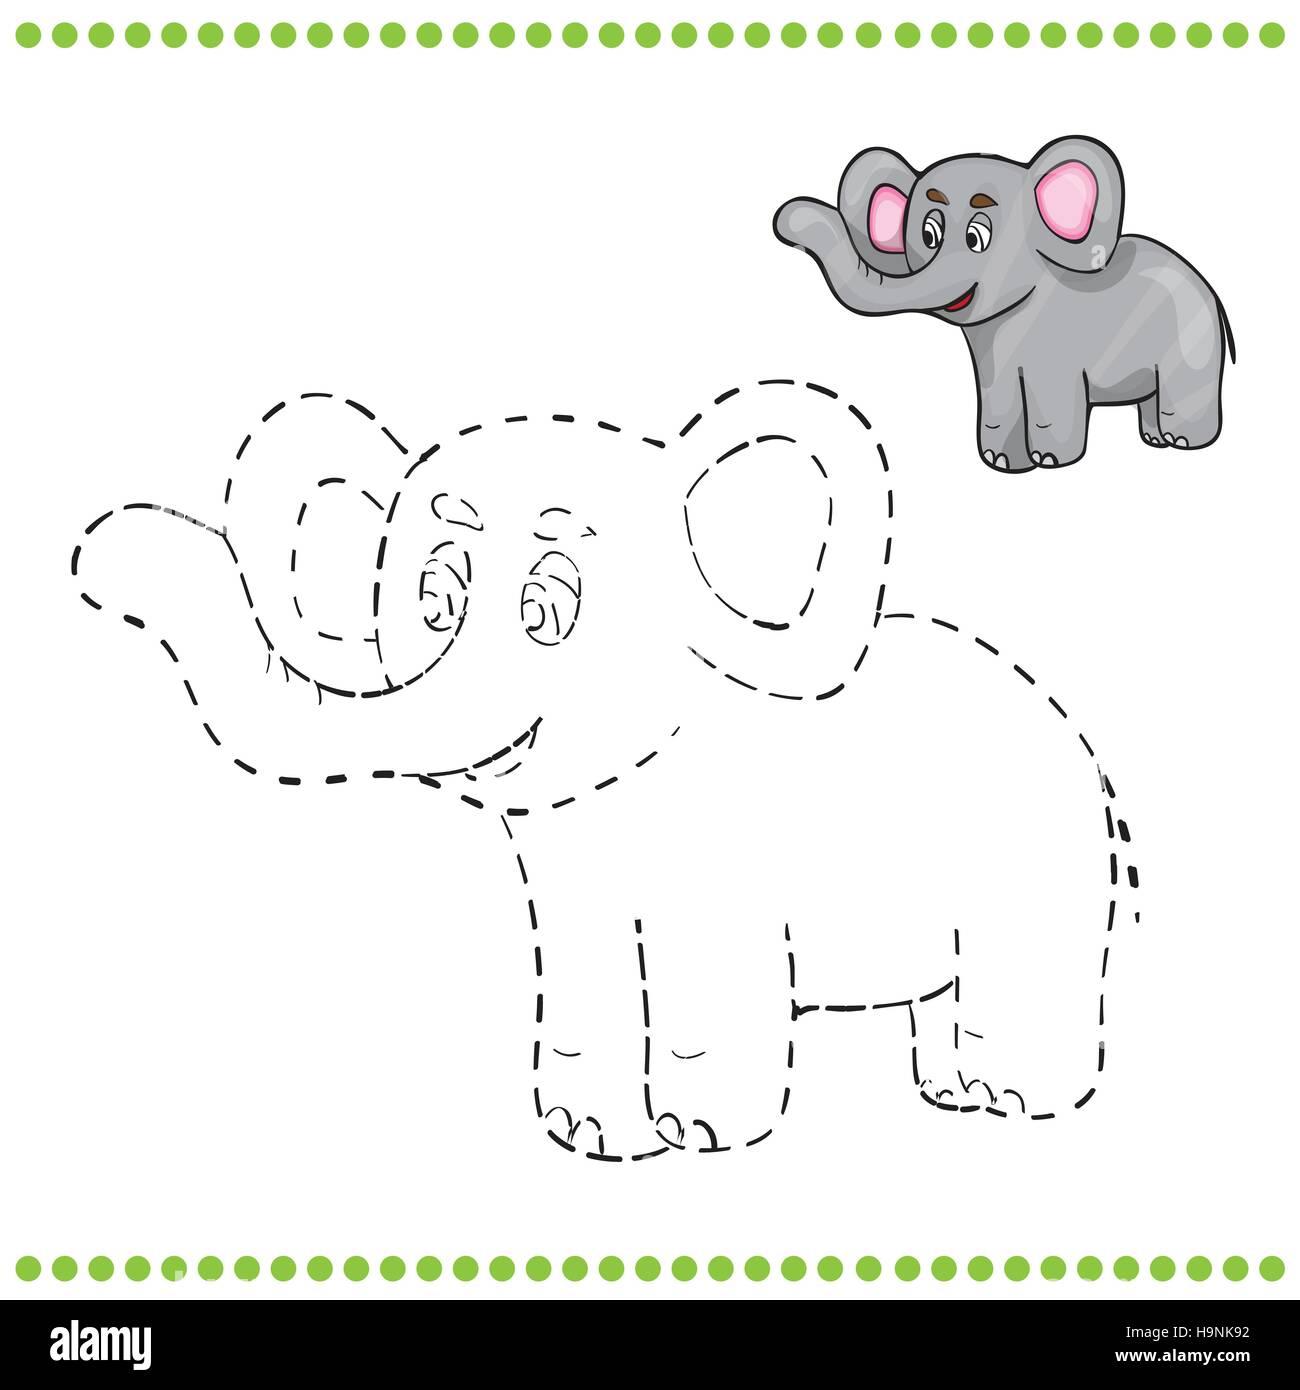 Verbinden Sie Die Punkte Und Malvorlagen Elefant Vektor